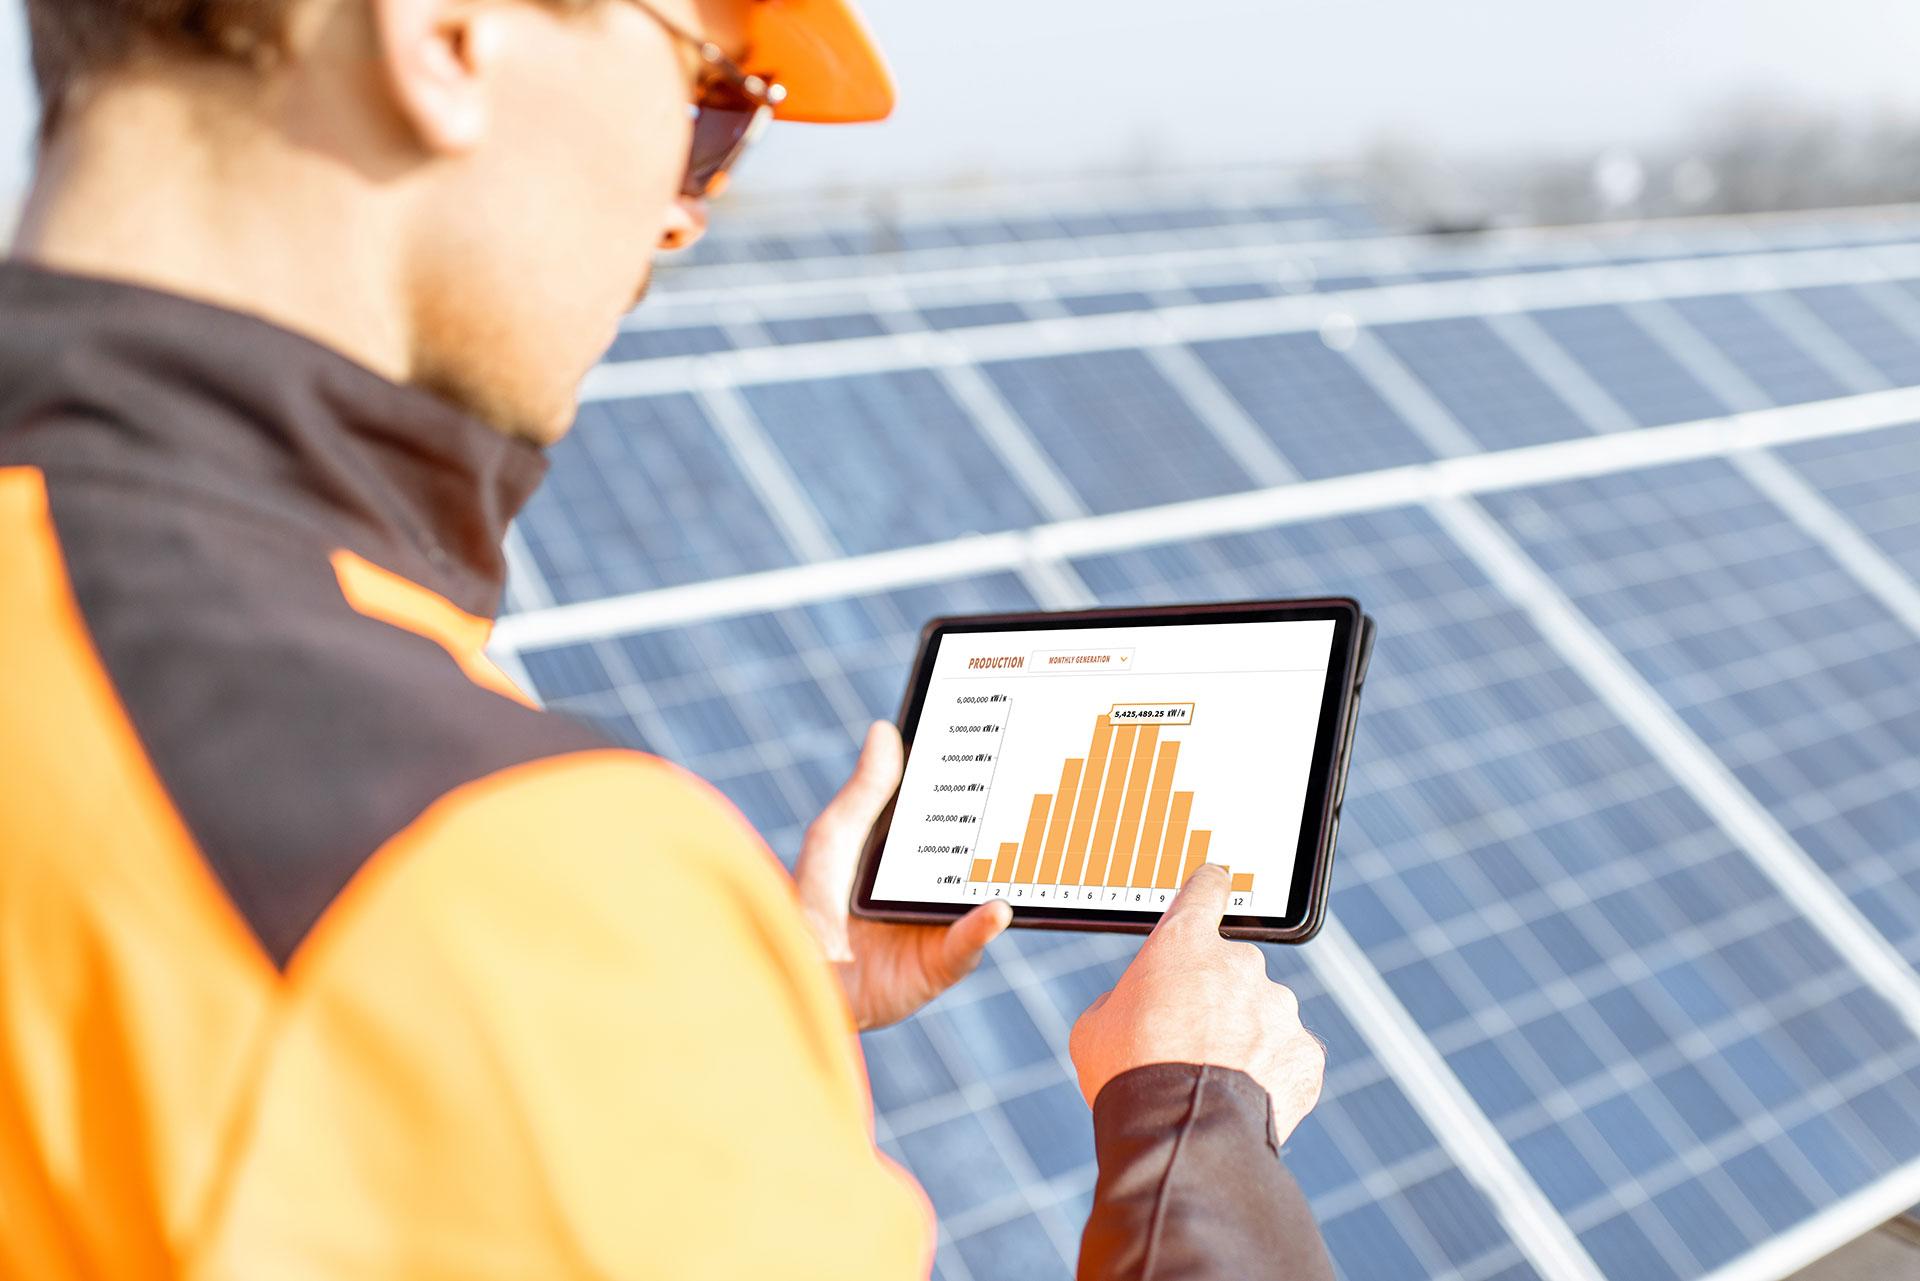 La-CAMDA-energies_technicien-photovoltaique-avec-tablette